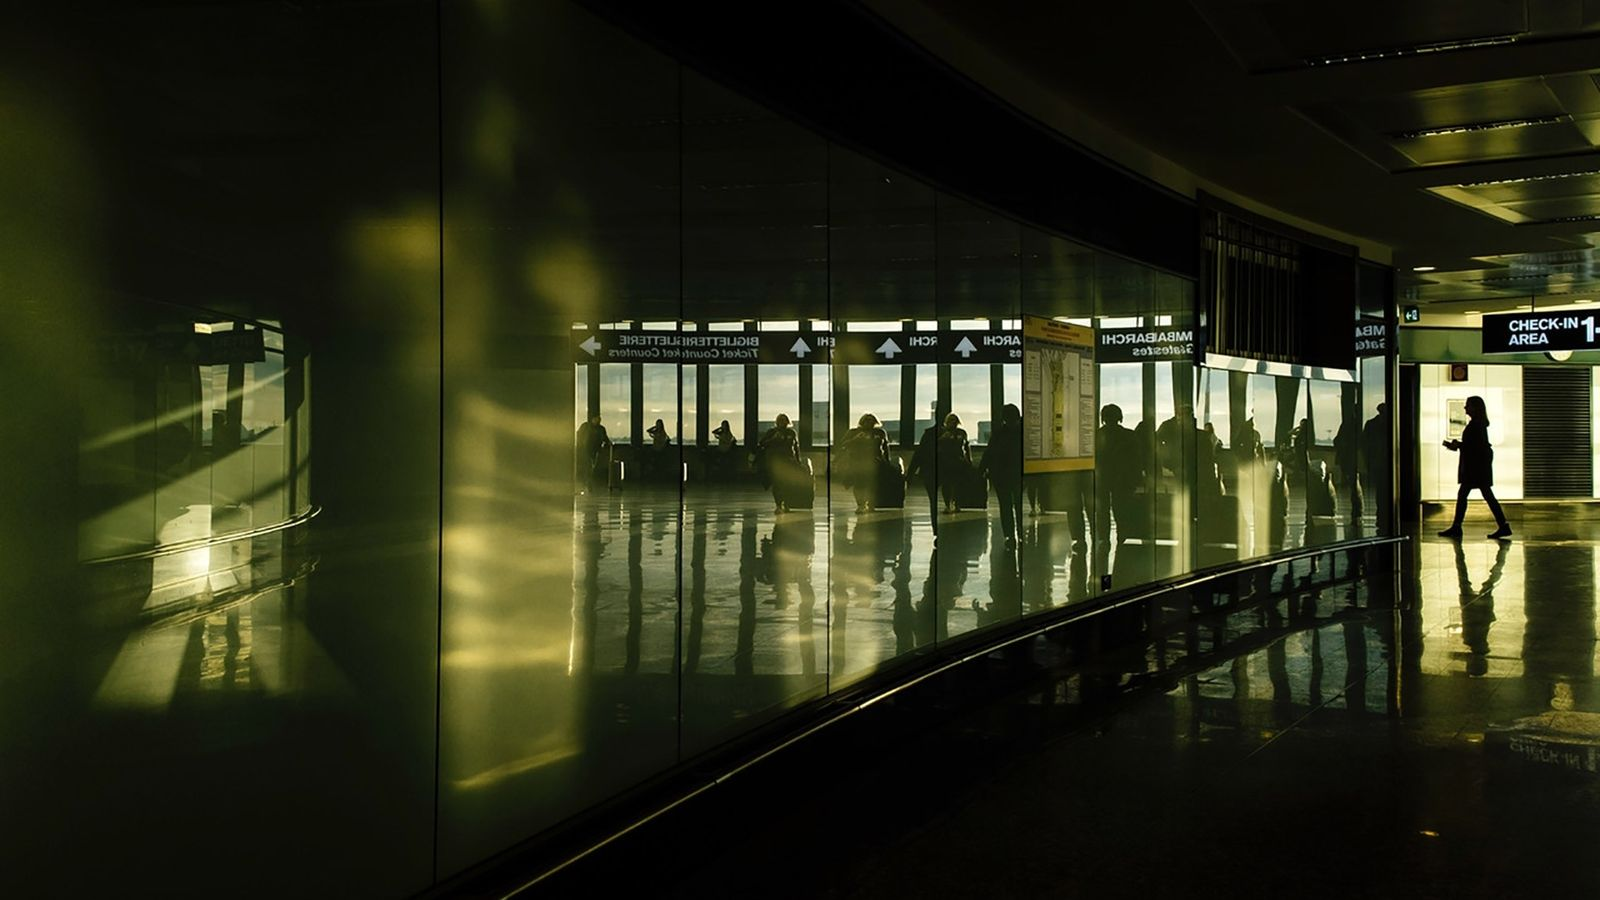 Viajantes chegando aos portões de embarque no Aeroporto Internacional de Milão-Malpensa, na Itália, em 2016.